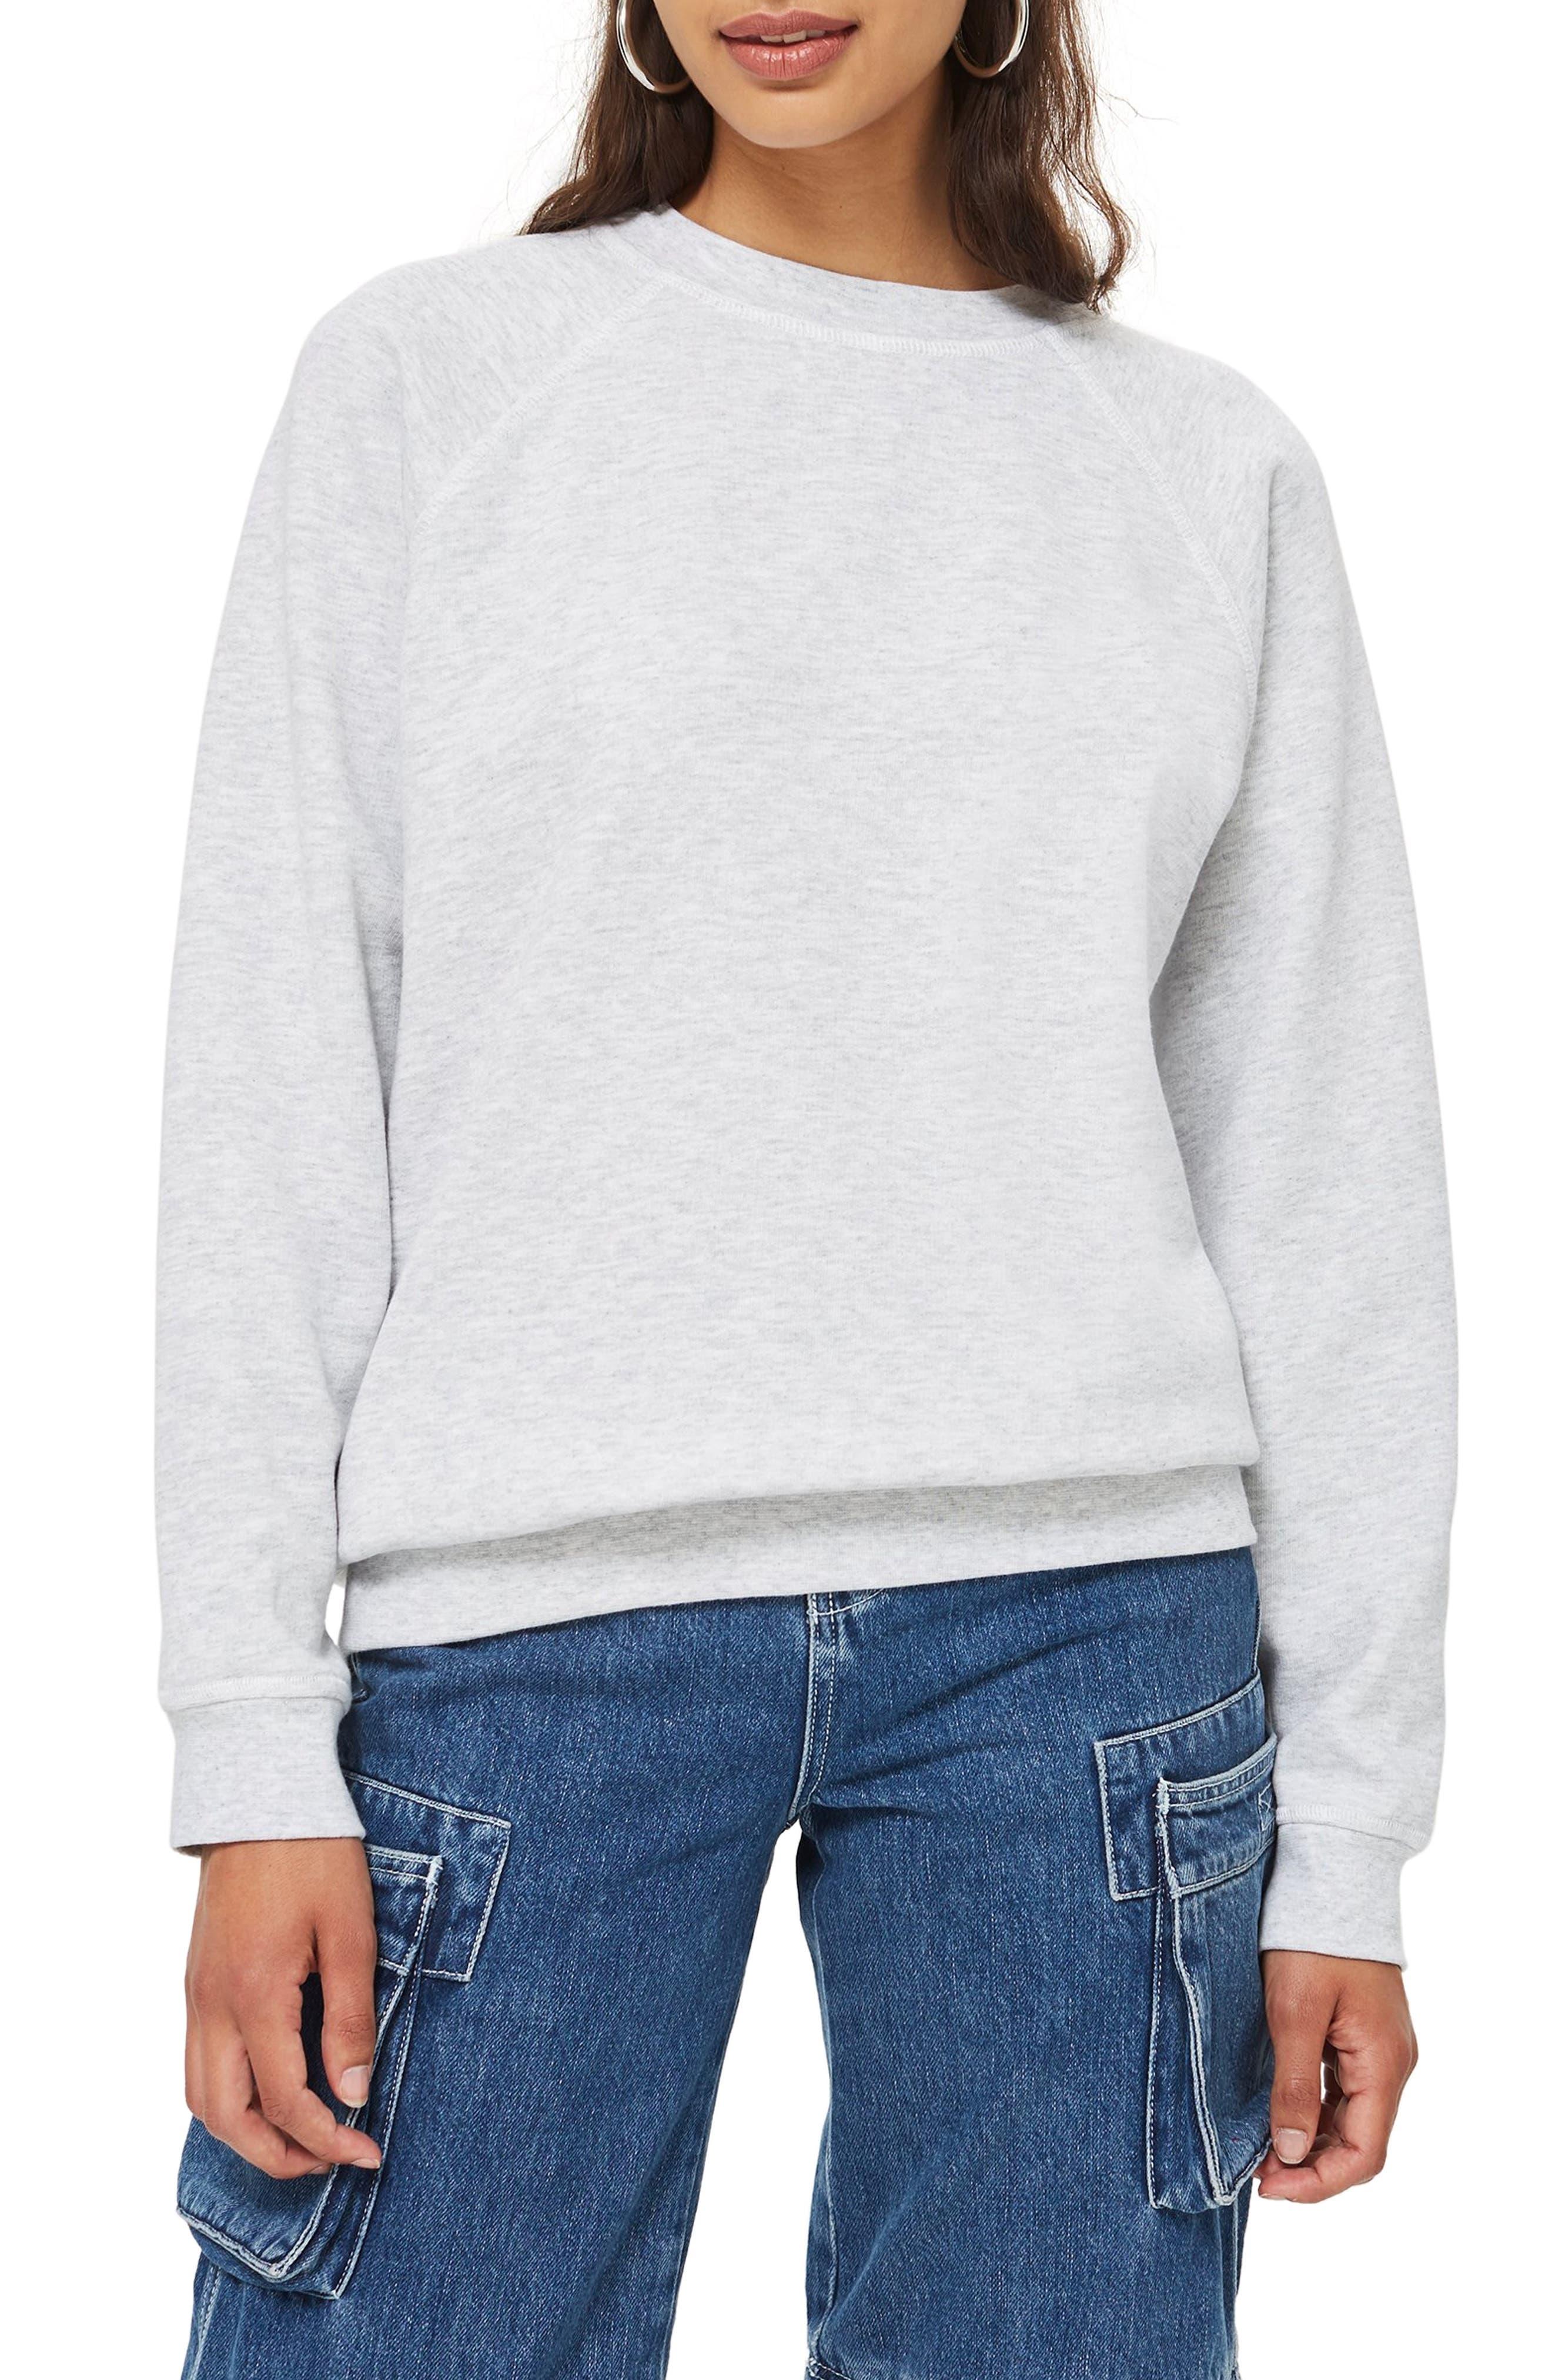 TOPSHOP Crewneck Sweatshirt, Main, color, 020